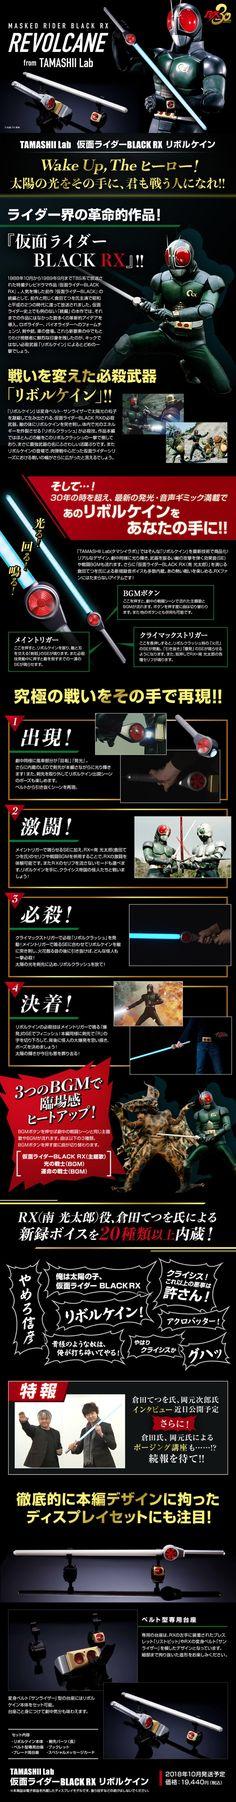 TAMASHII Lab 仮面ライダーBLACK RX リボルケイン /   http://p-bandai.jp/item/item-1000124187/?spec=sp101&cref=2006837513&click_recom=1&